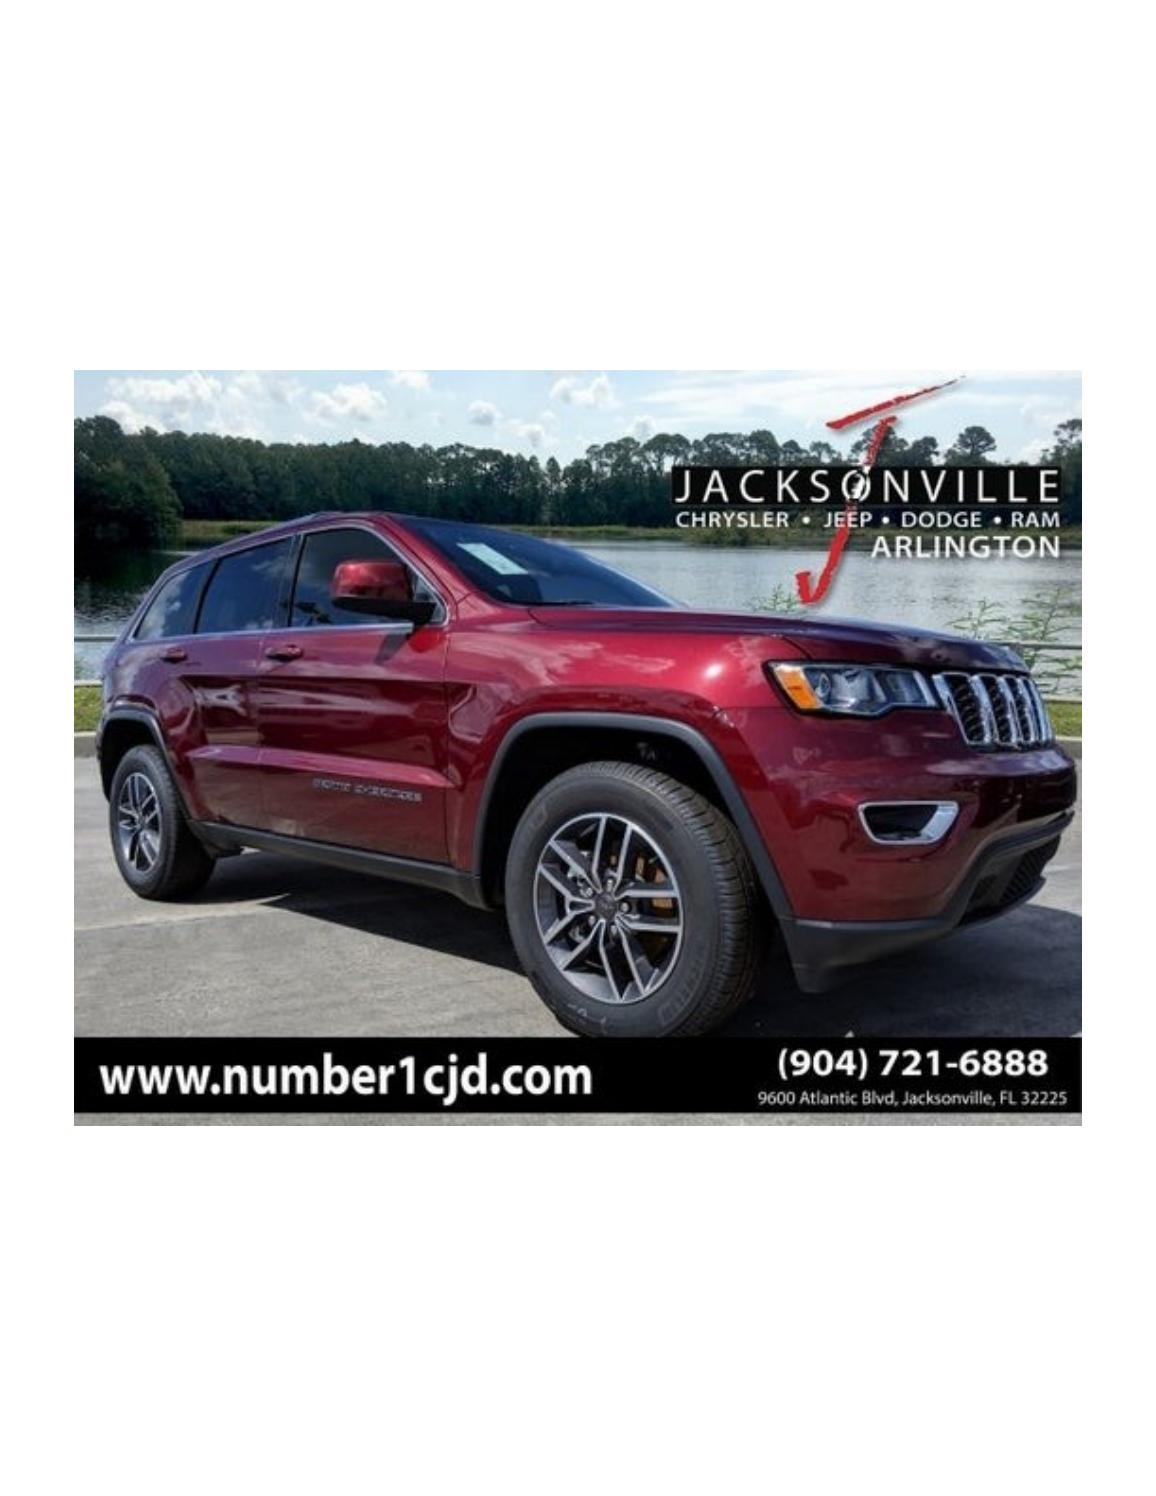 Jacksonville Chrysler Jeep Dodge Arlington >> Jacksonville Chrysler Jeep Dodge Ram Arlington By Tkmkt Issuu